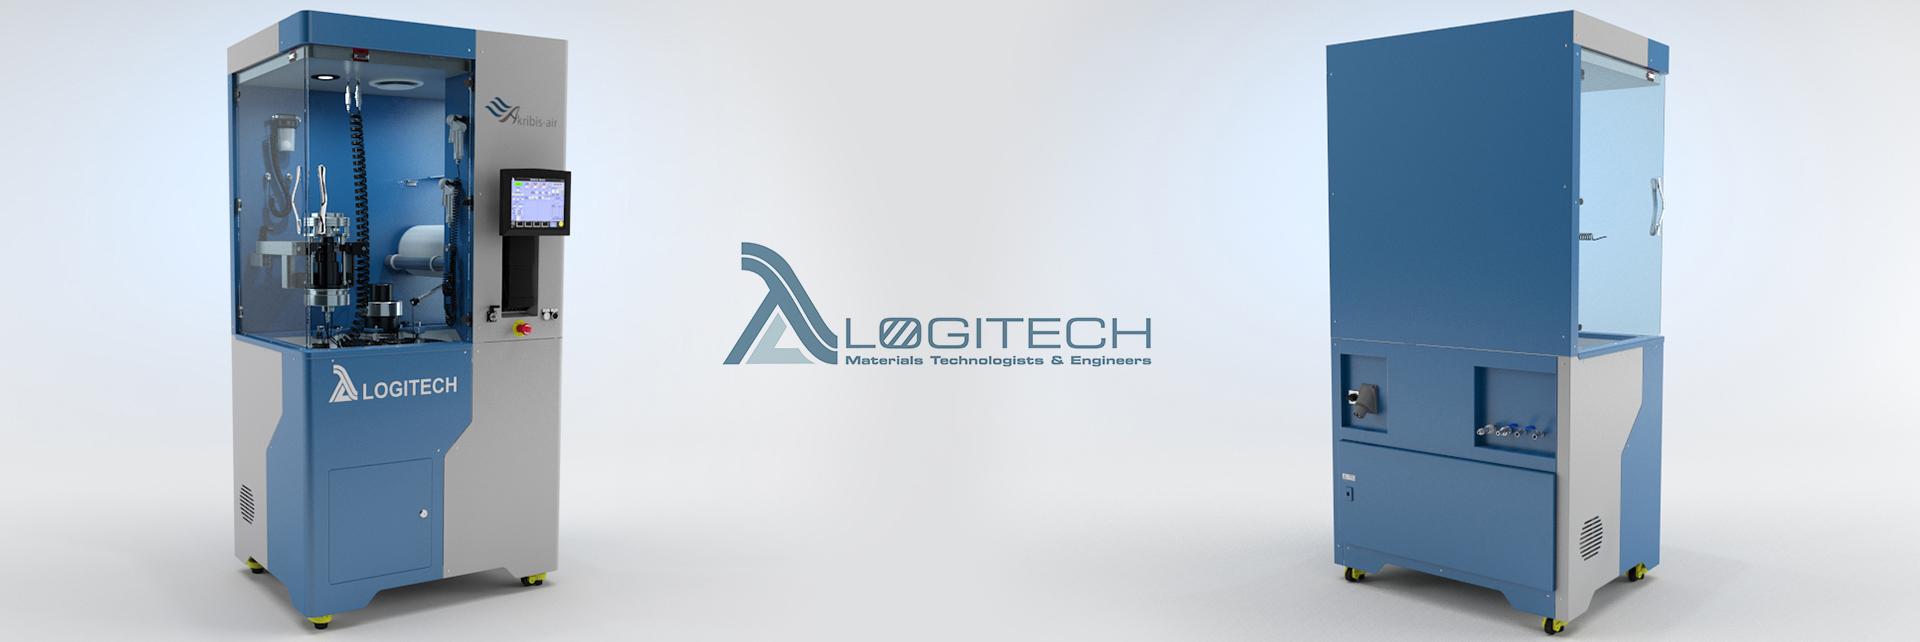 Logitech - Akribis-air